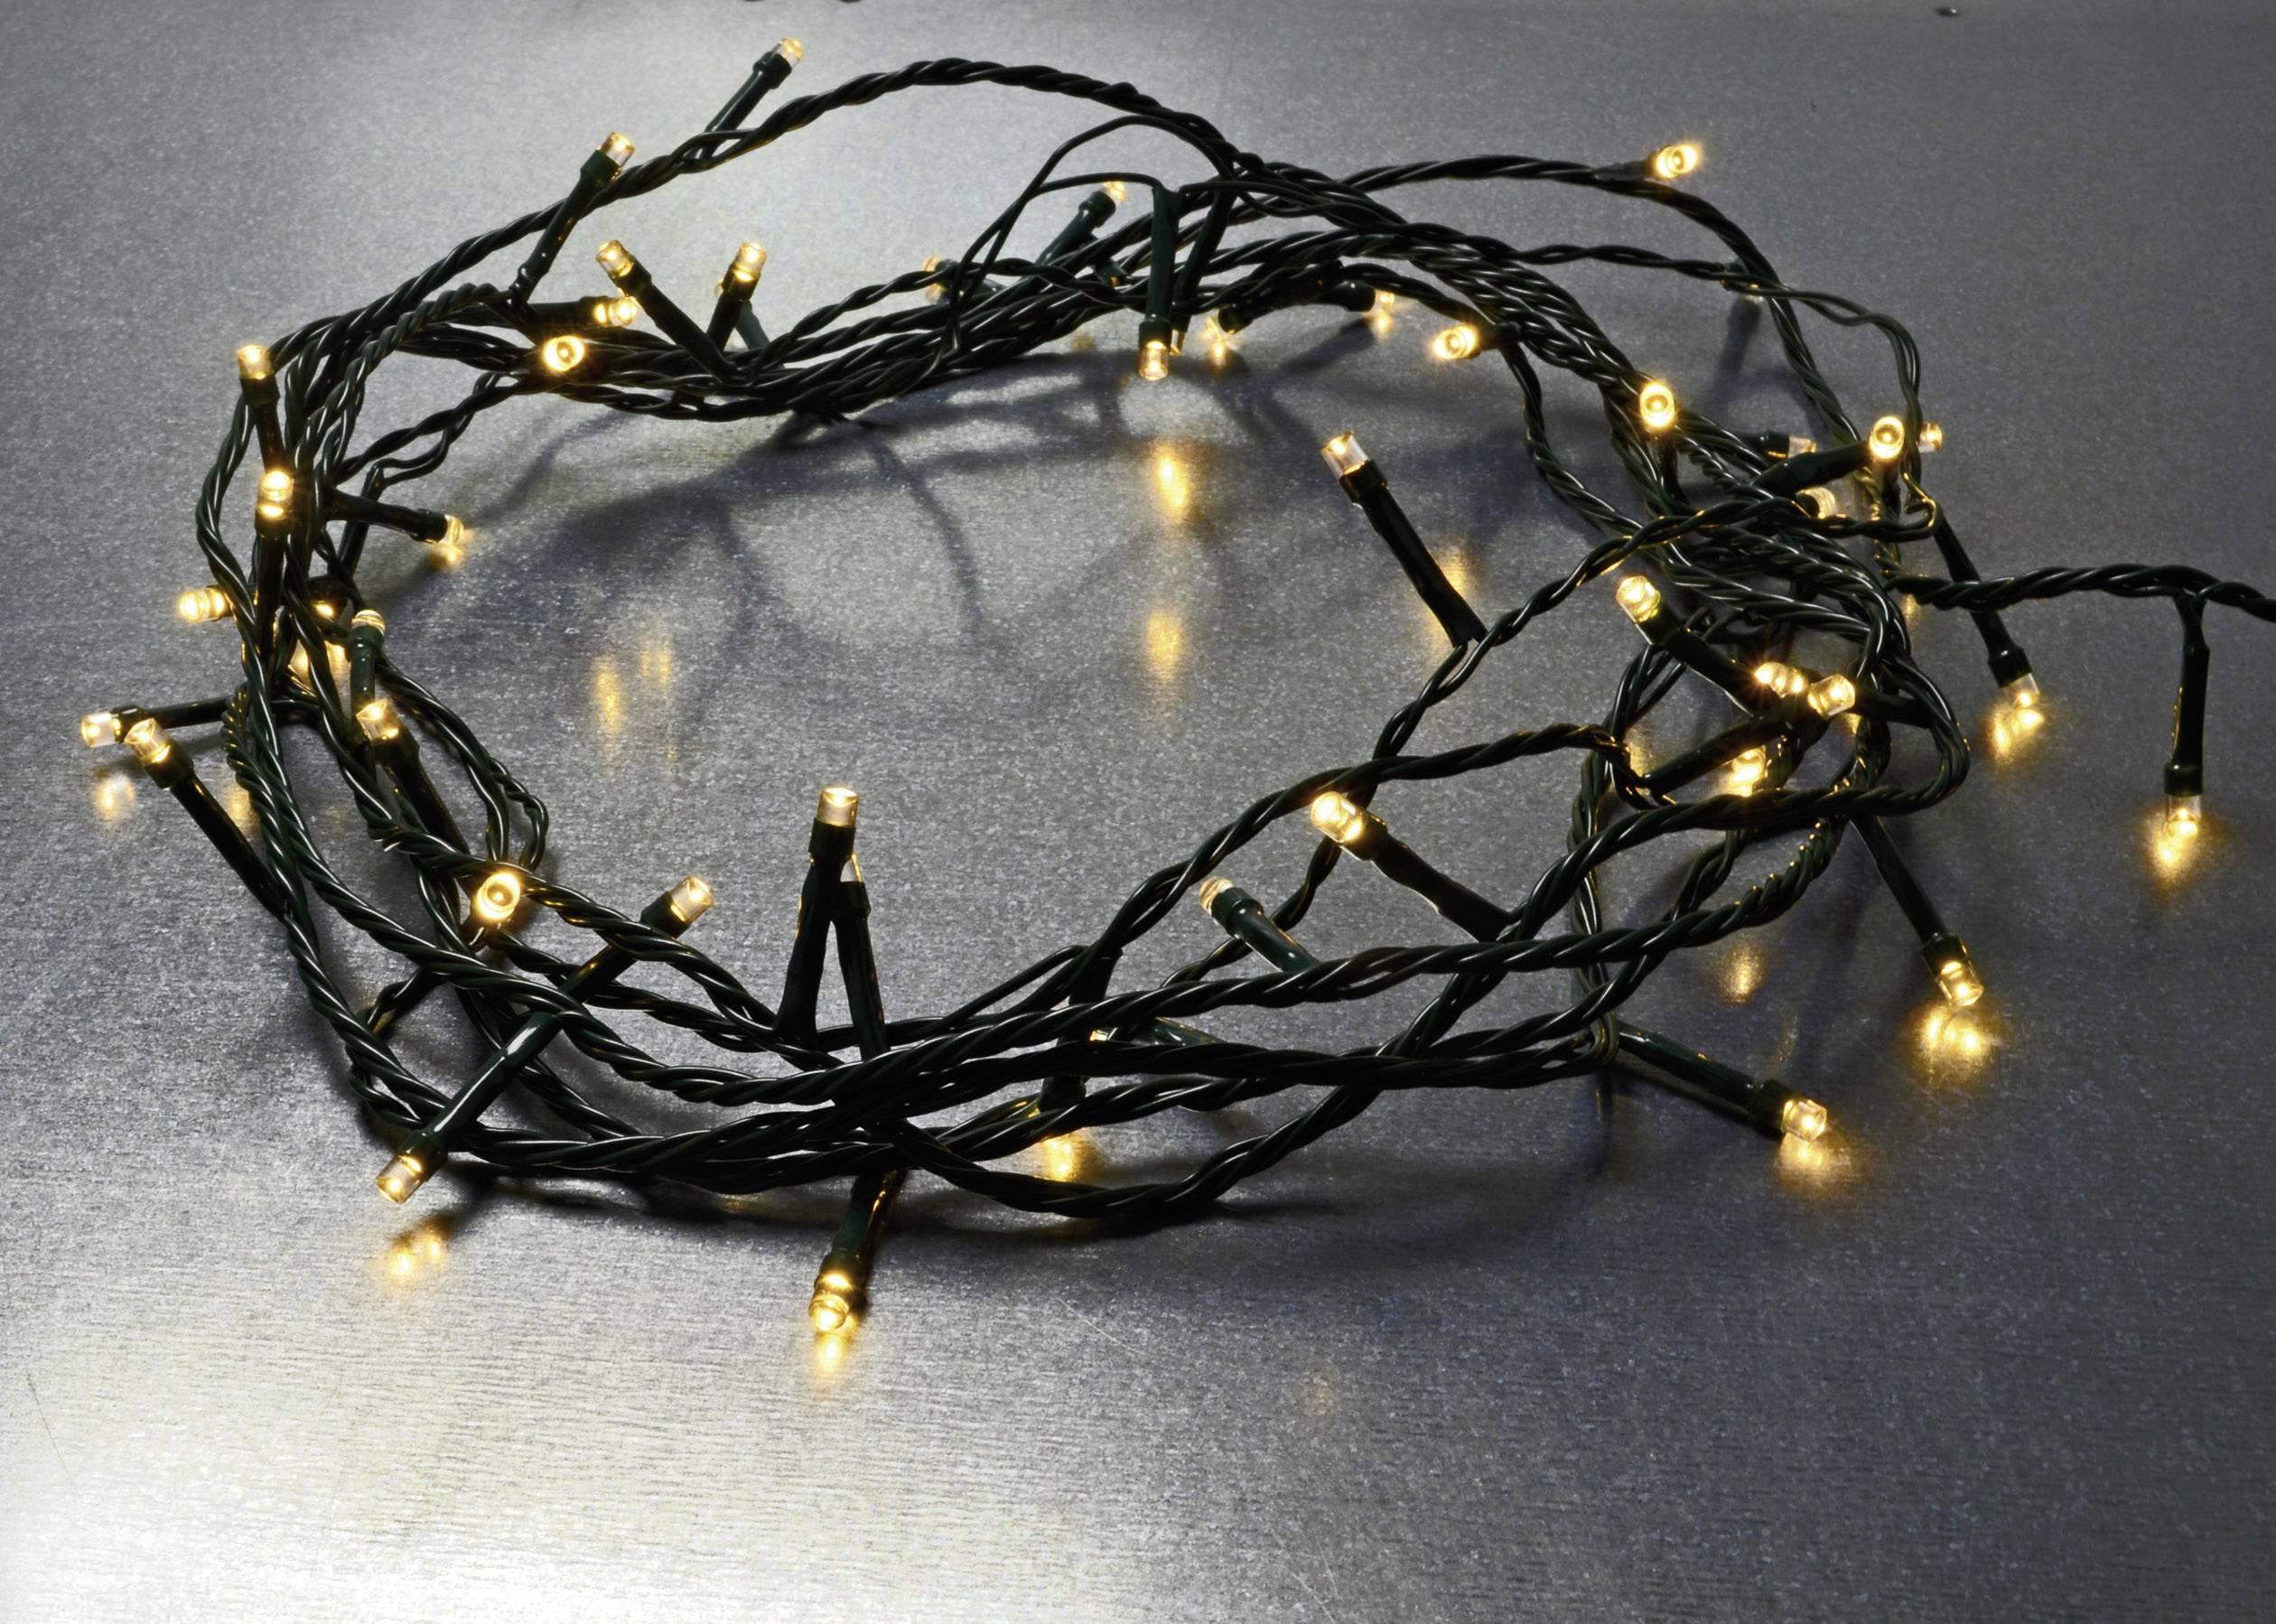 Vnitřní/venkovní bateriové LED osvětlení na vánoční stromeček X4-LIFE 100 LED, teplá bílá, 10 m